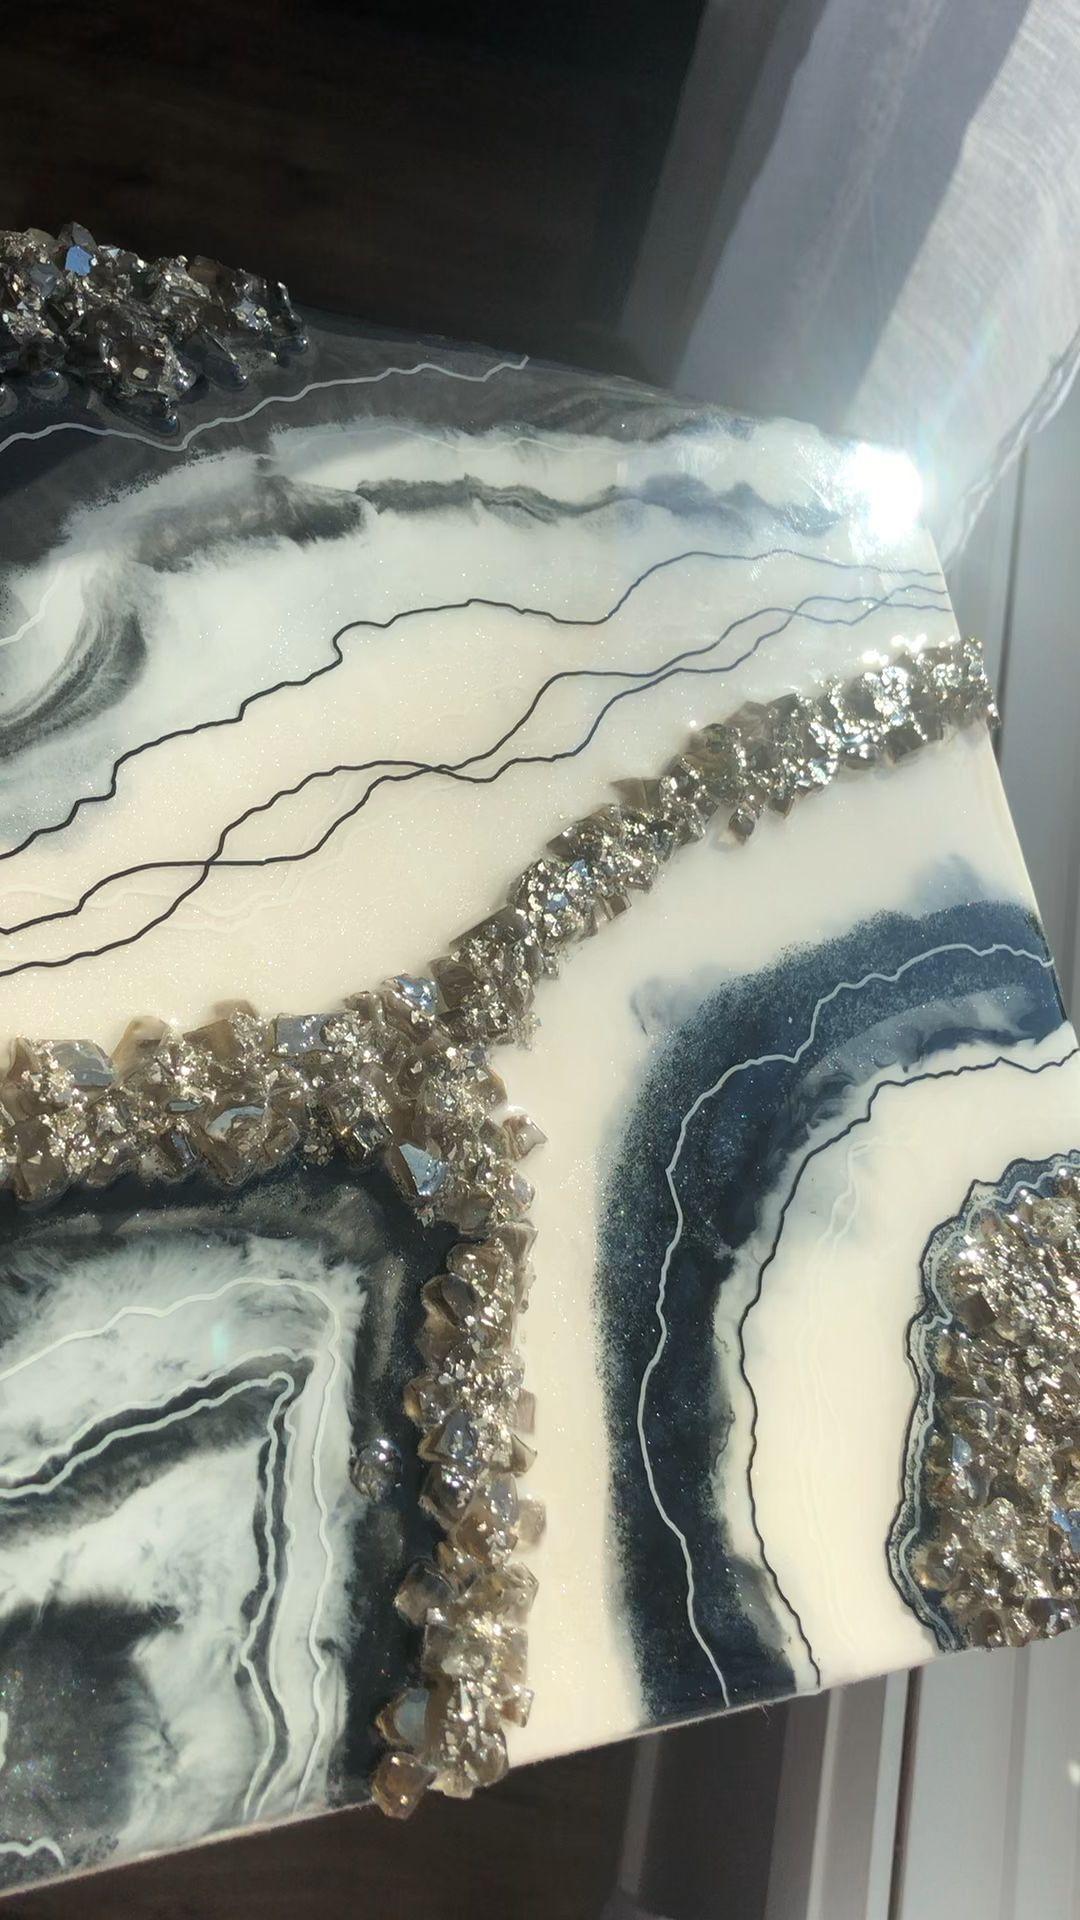 10x10 Grow Room Design: Klassisches Hepburn, Geode Resin Art In 2020